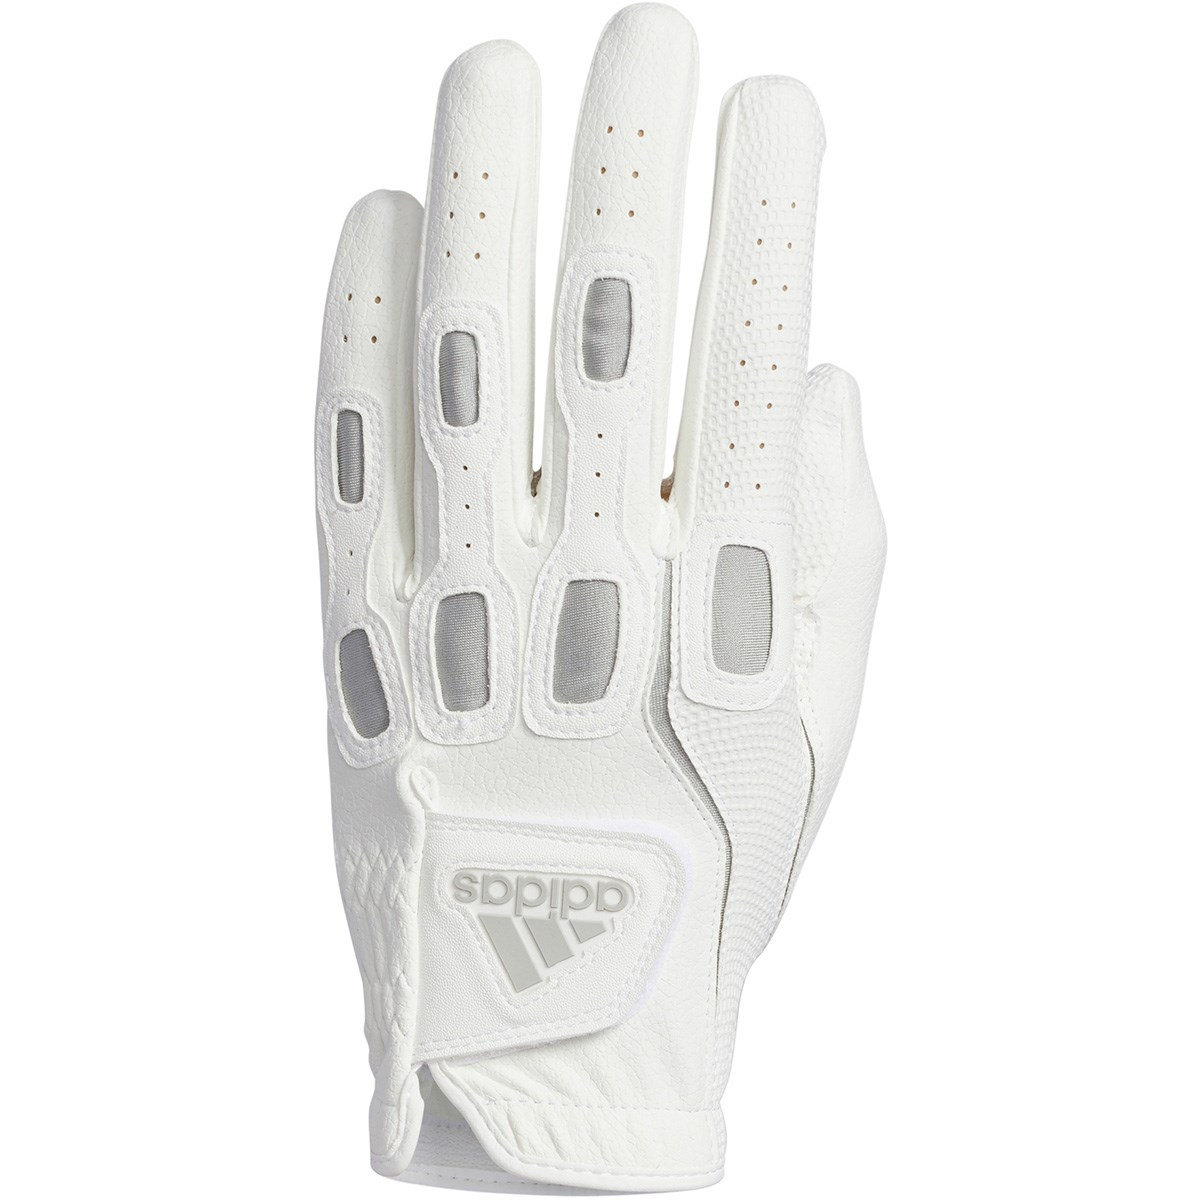 アディダス Adidas マルチフィット9 グローブ 24cm 左手着用(右利き用) ホワイト/グレー